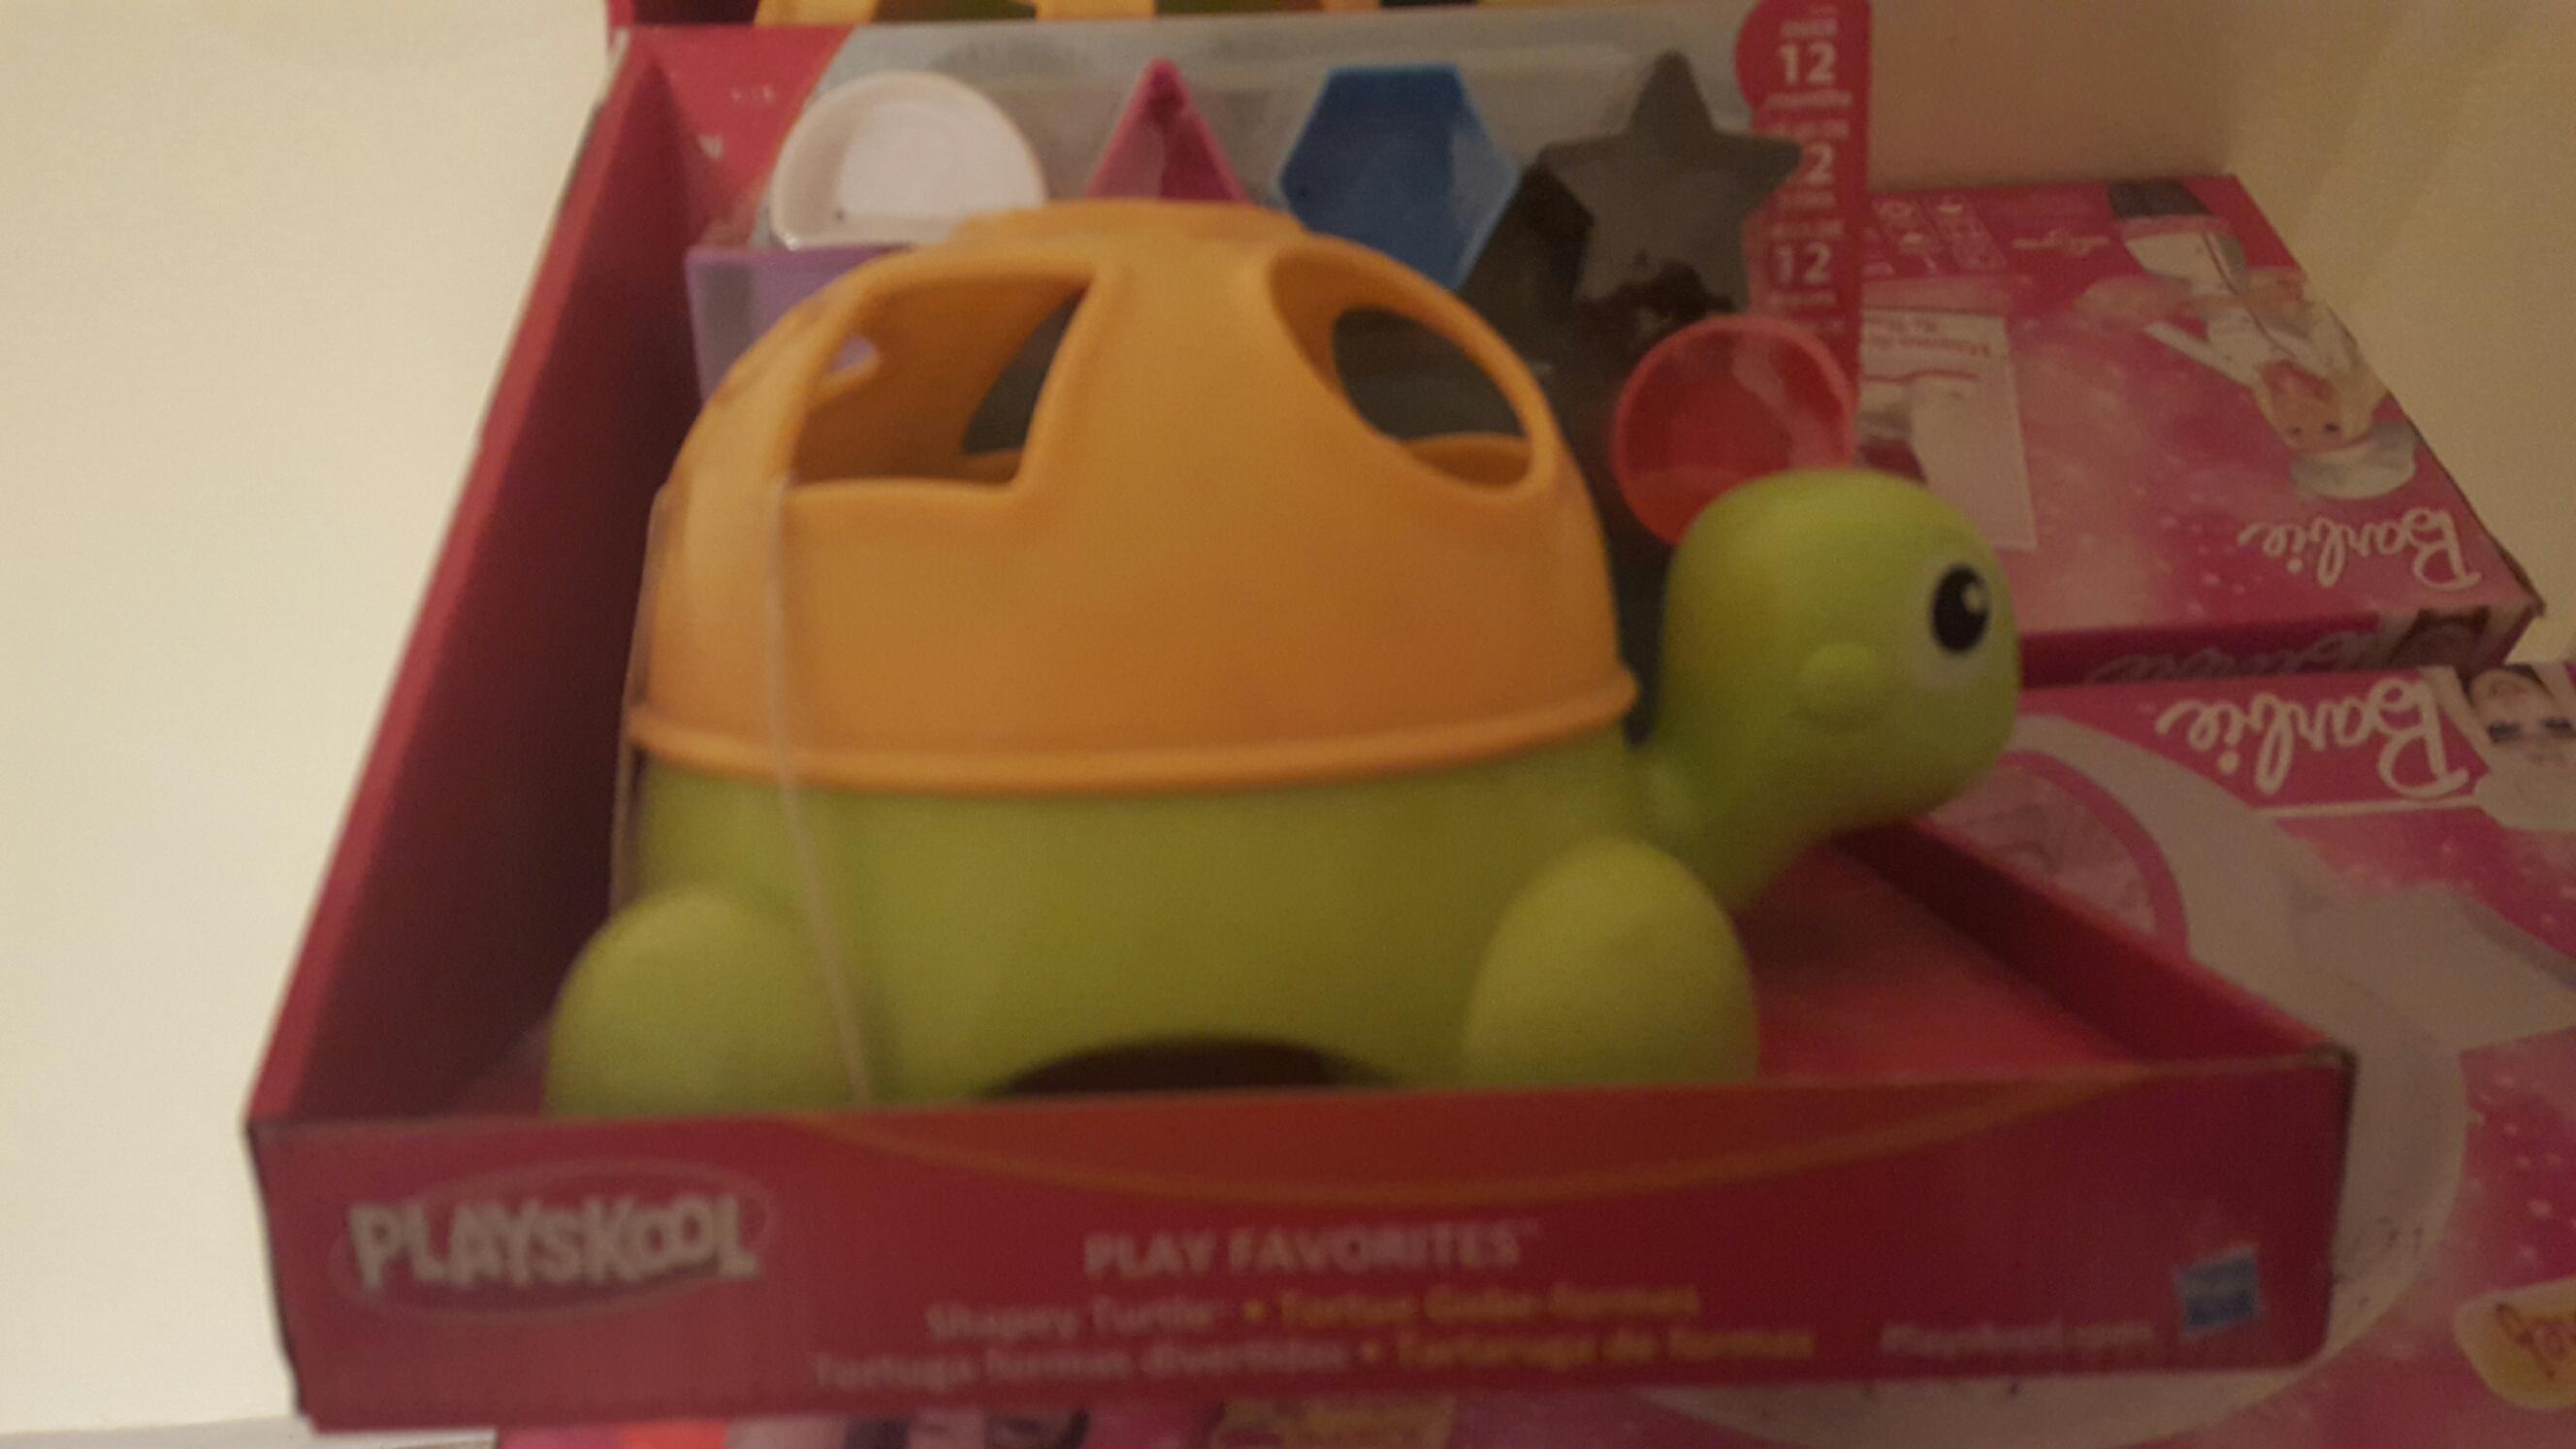 Walmart: Tortuguita Playskool a $25.01